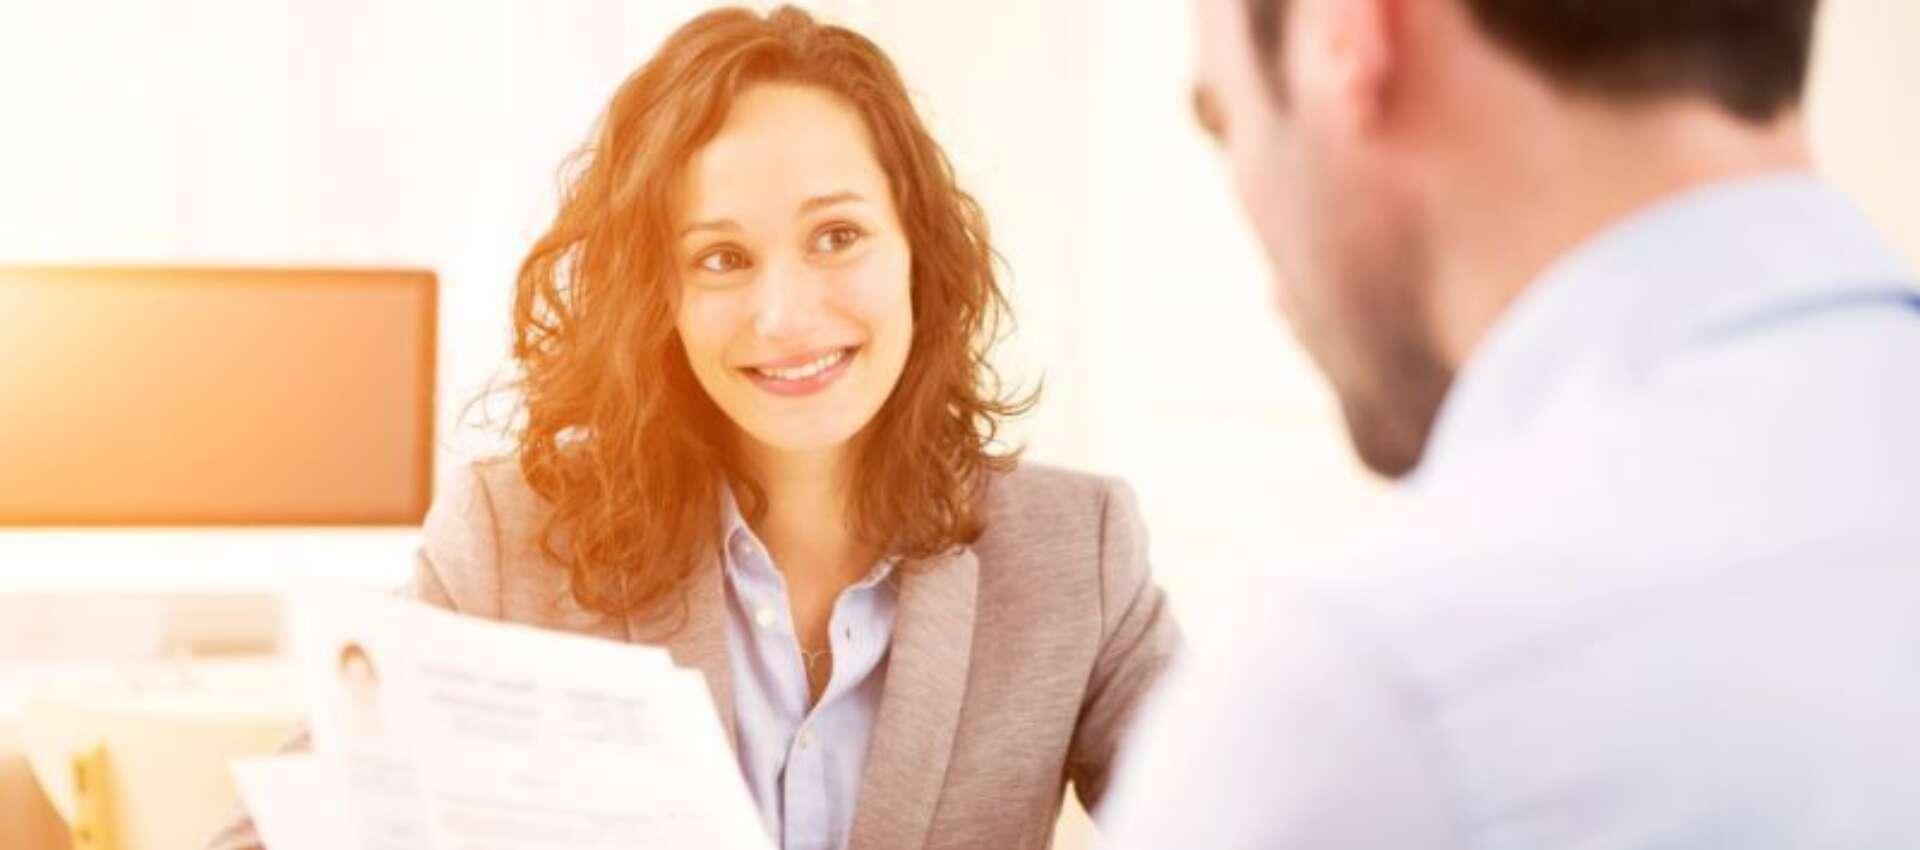 Voorbereiden op je sollicitatiegesprek met deze 7 tips